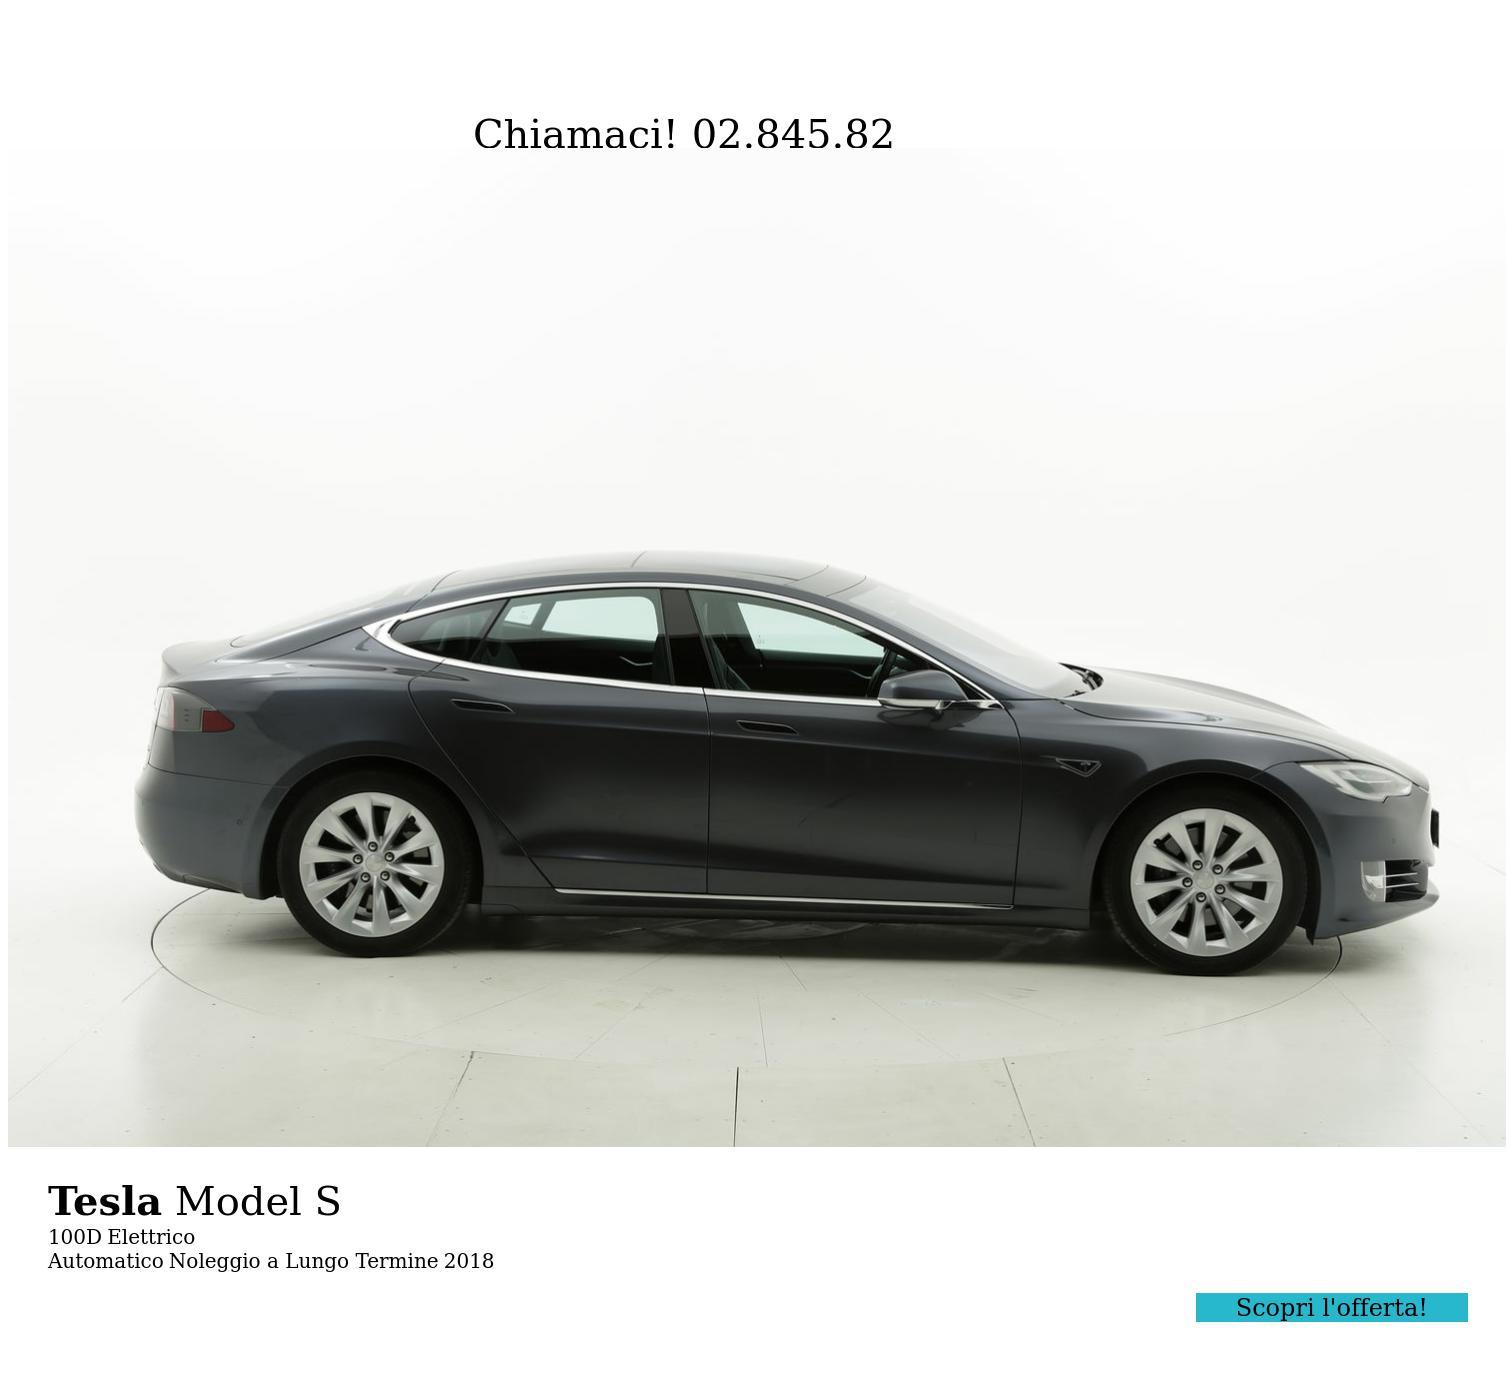 Tesla Model S elettrico grigia a noleggio a lungo termine | brumbrum